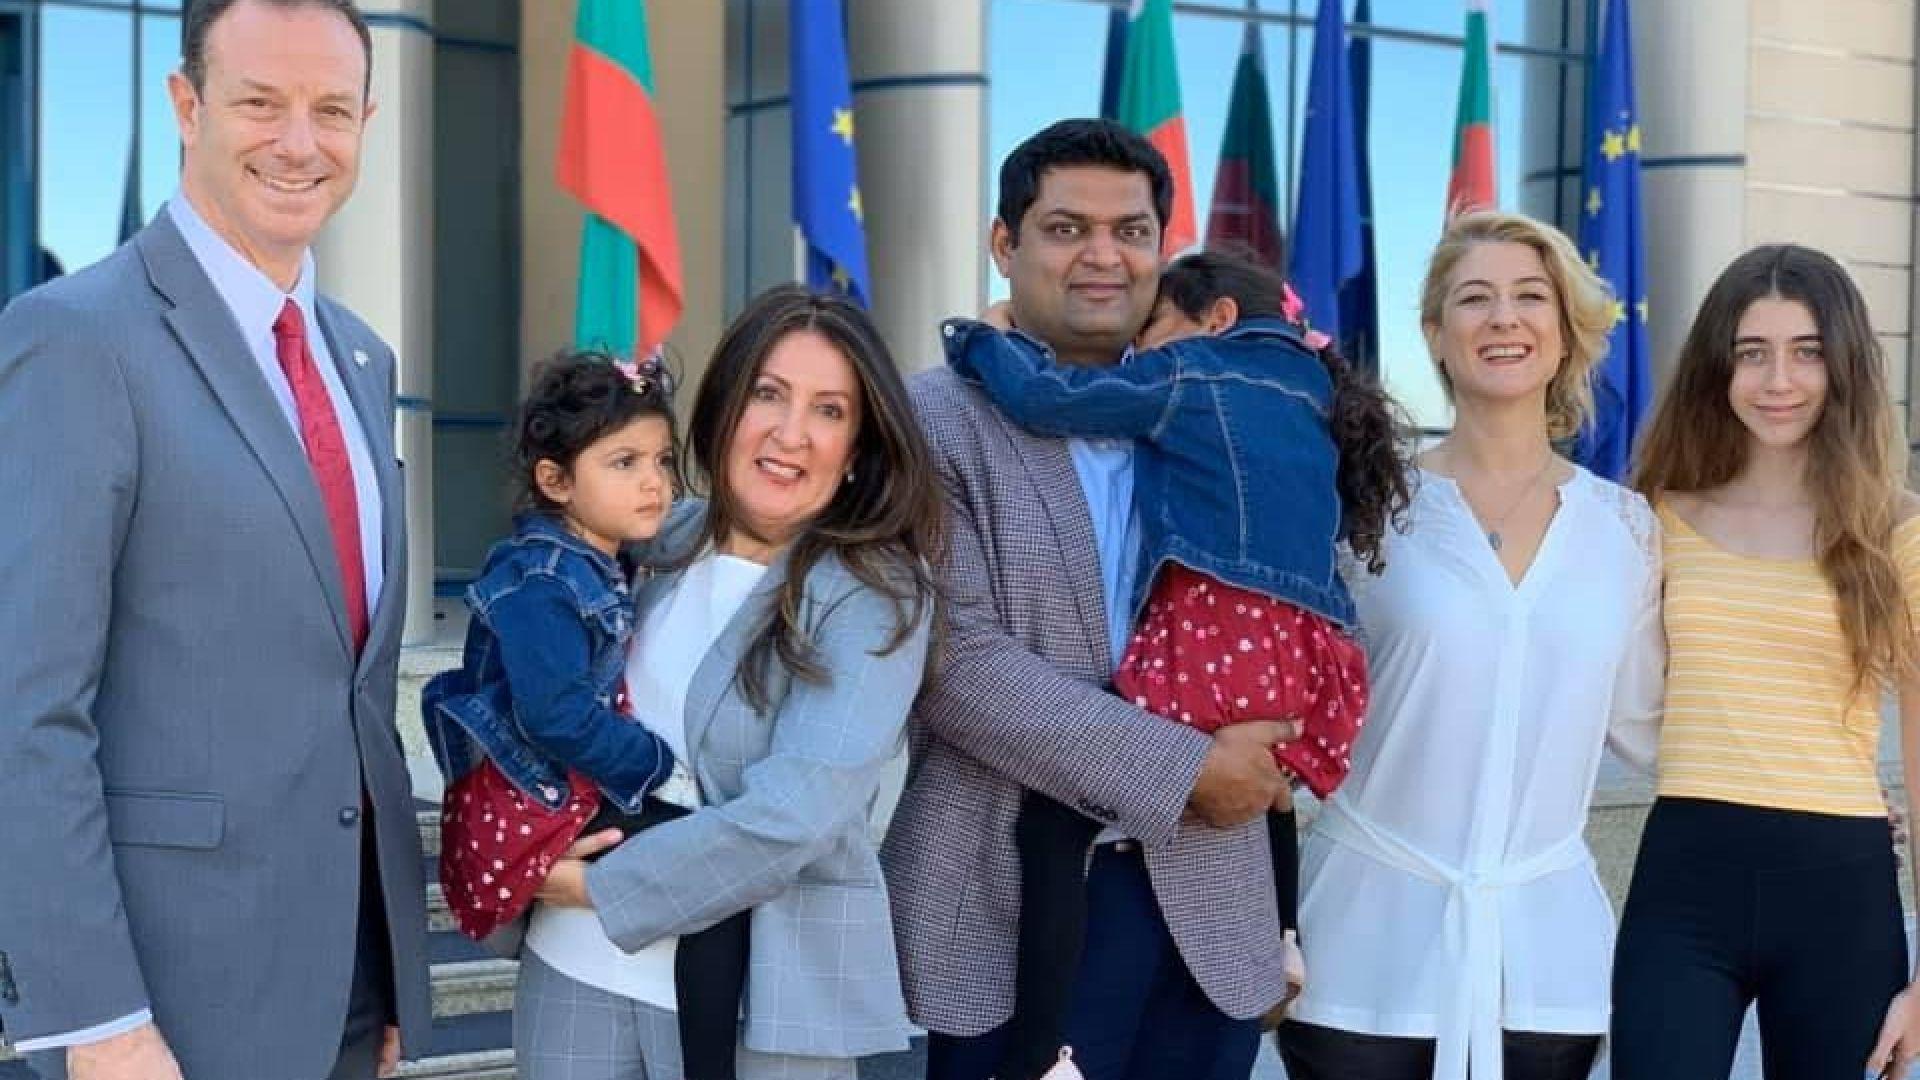 Новият посланик на САЩ в България положи клетва и пристигна у нас (снимки)